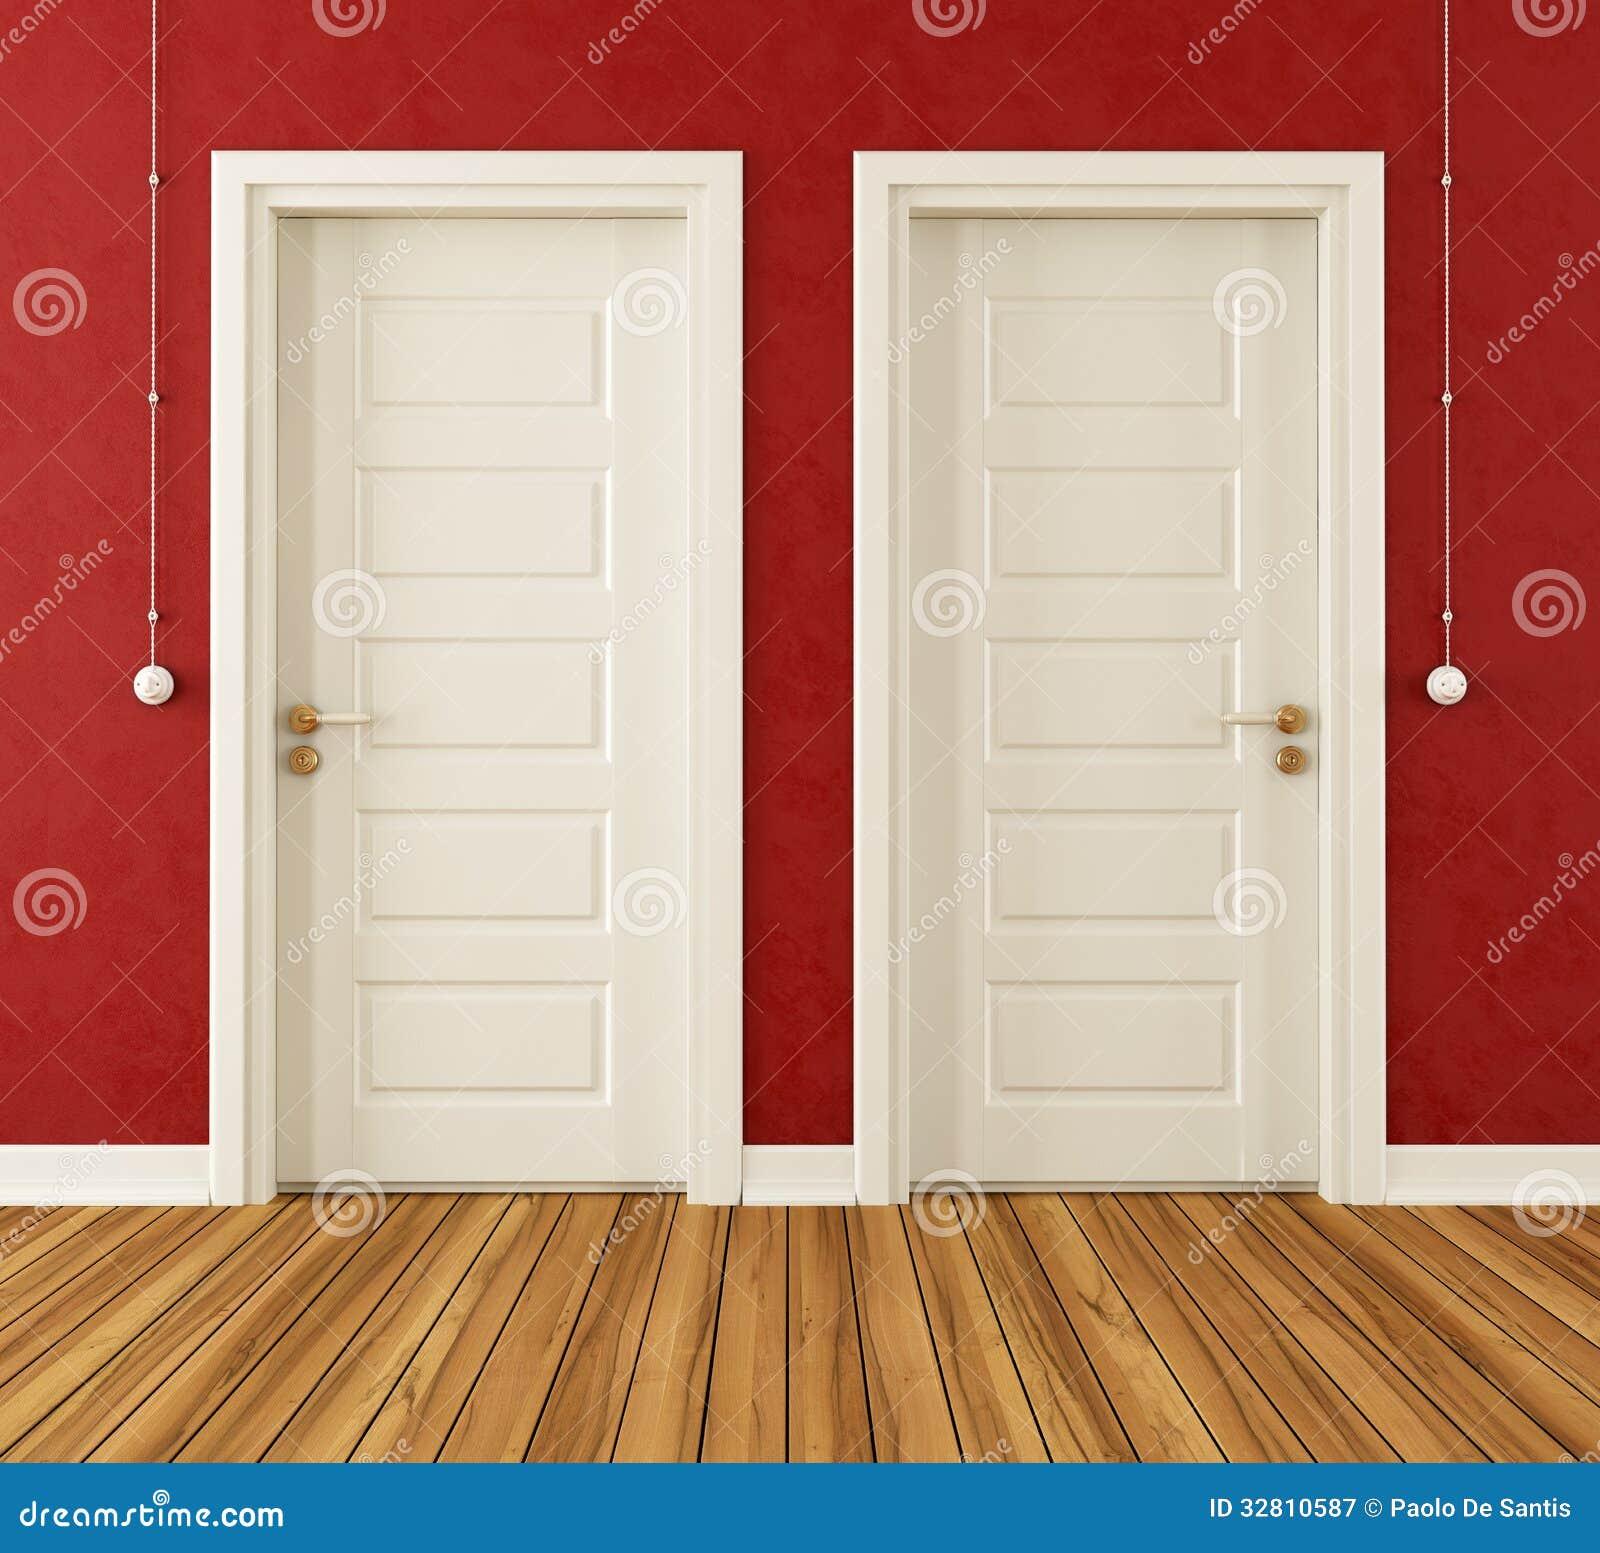 Detalle de dos puertas blancas stock de ilustraci n - Fotos para puertas ...